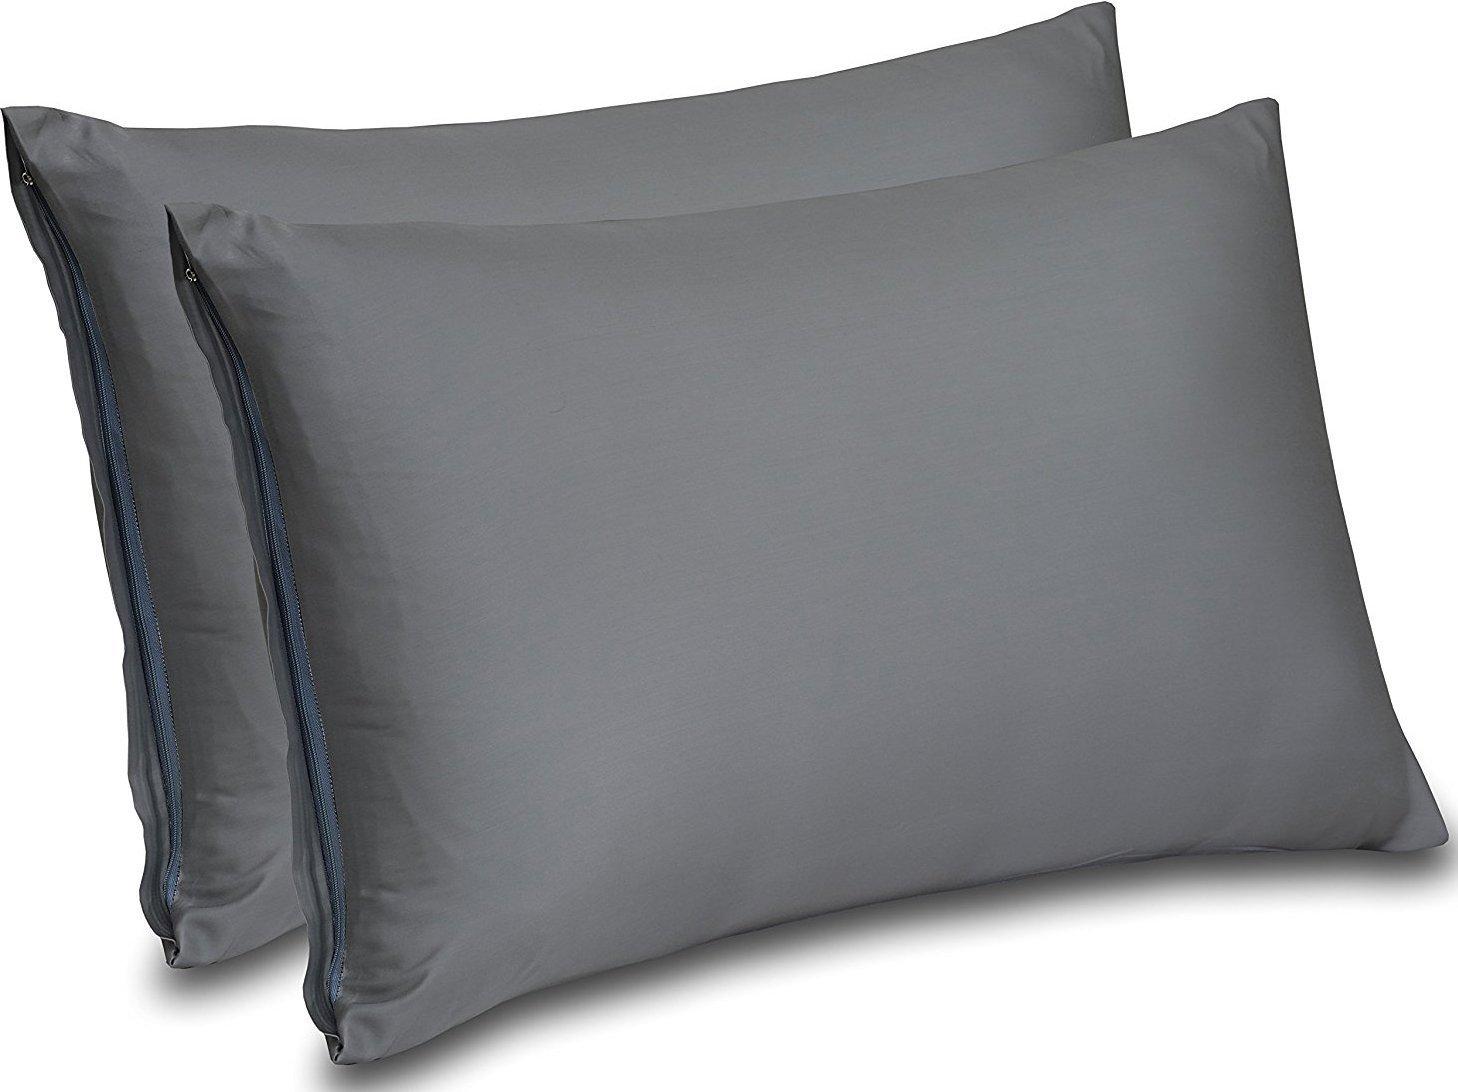 Utopia Bedding Premium Cotton Zippered Pillow Cases - 2 Pack (Queen, Grey) - Elegant Double Hemmed Stitched Pillow Encasement by Utopia Bedding (Image #1)